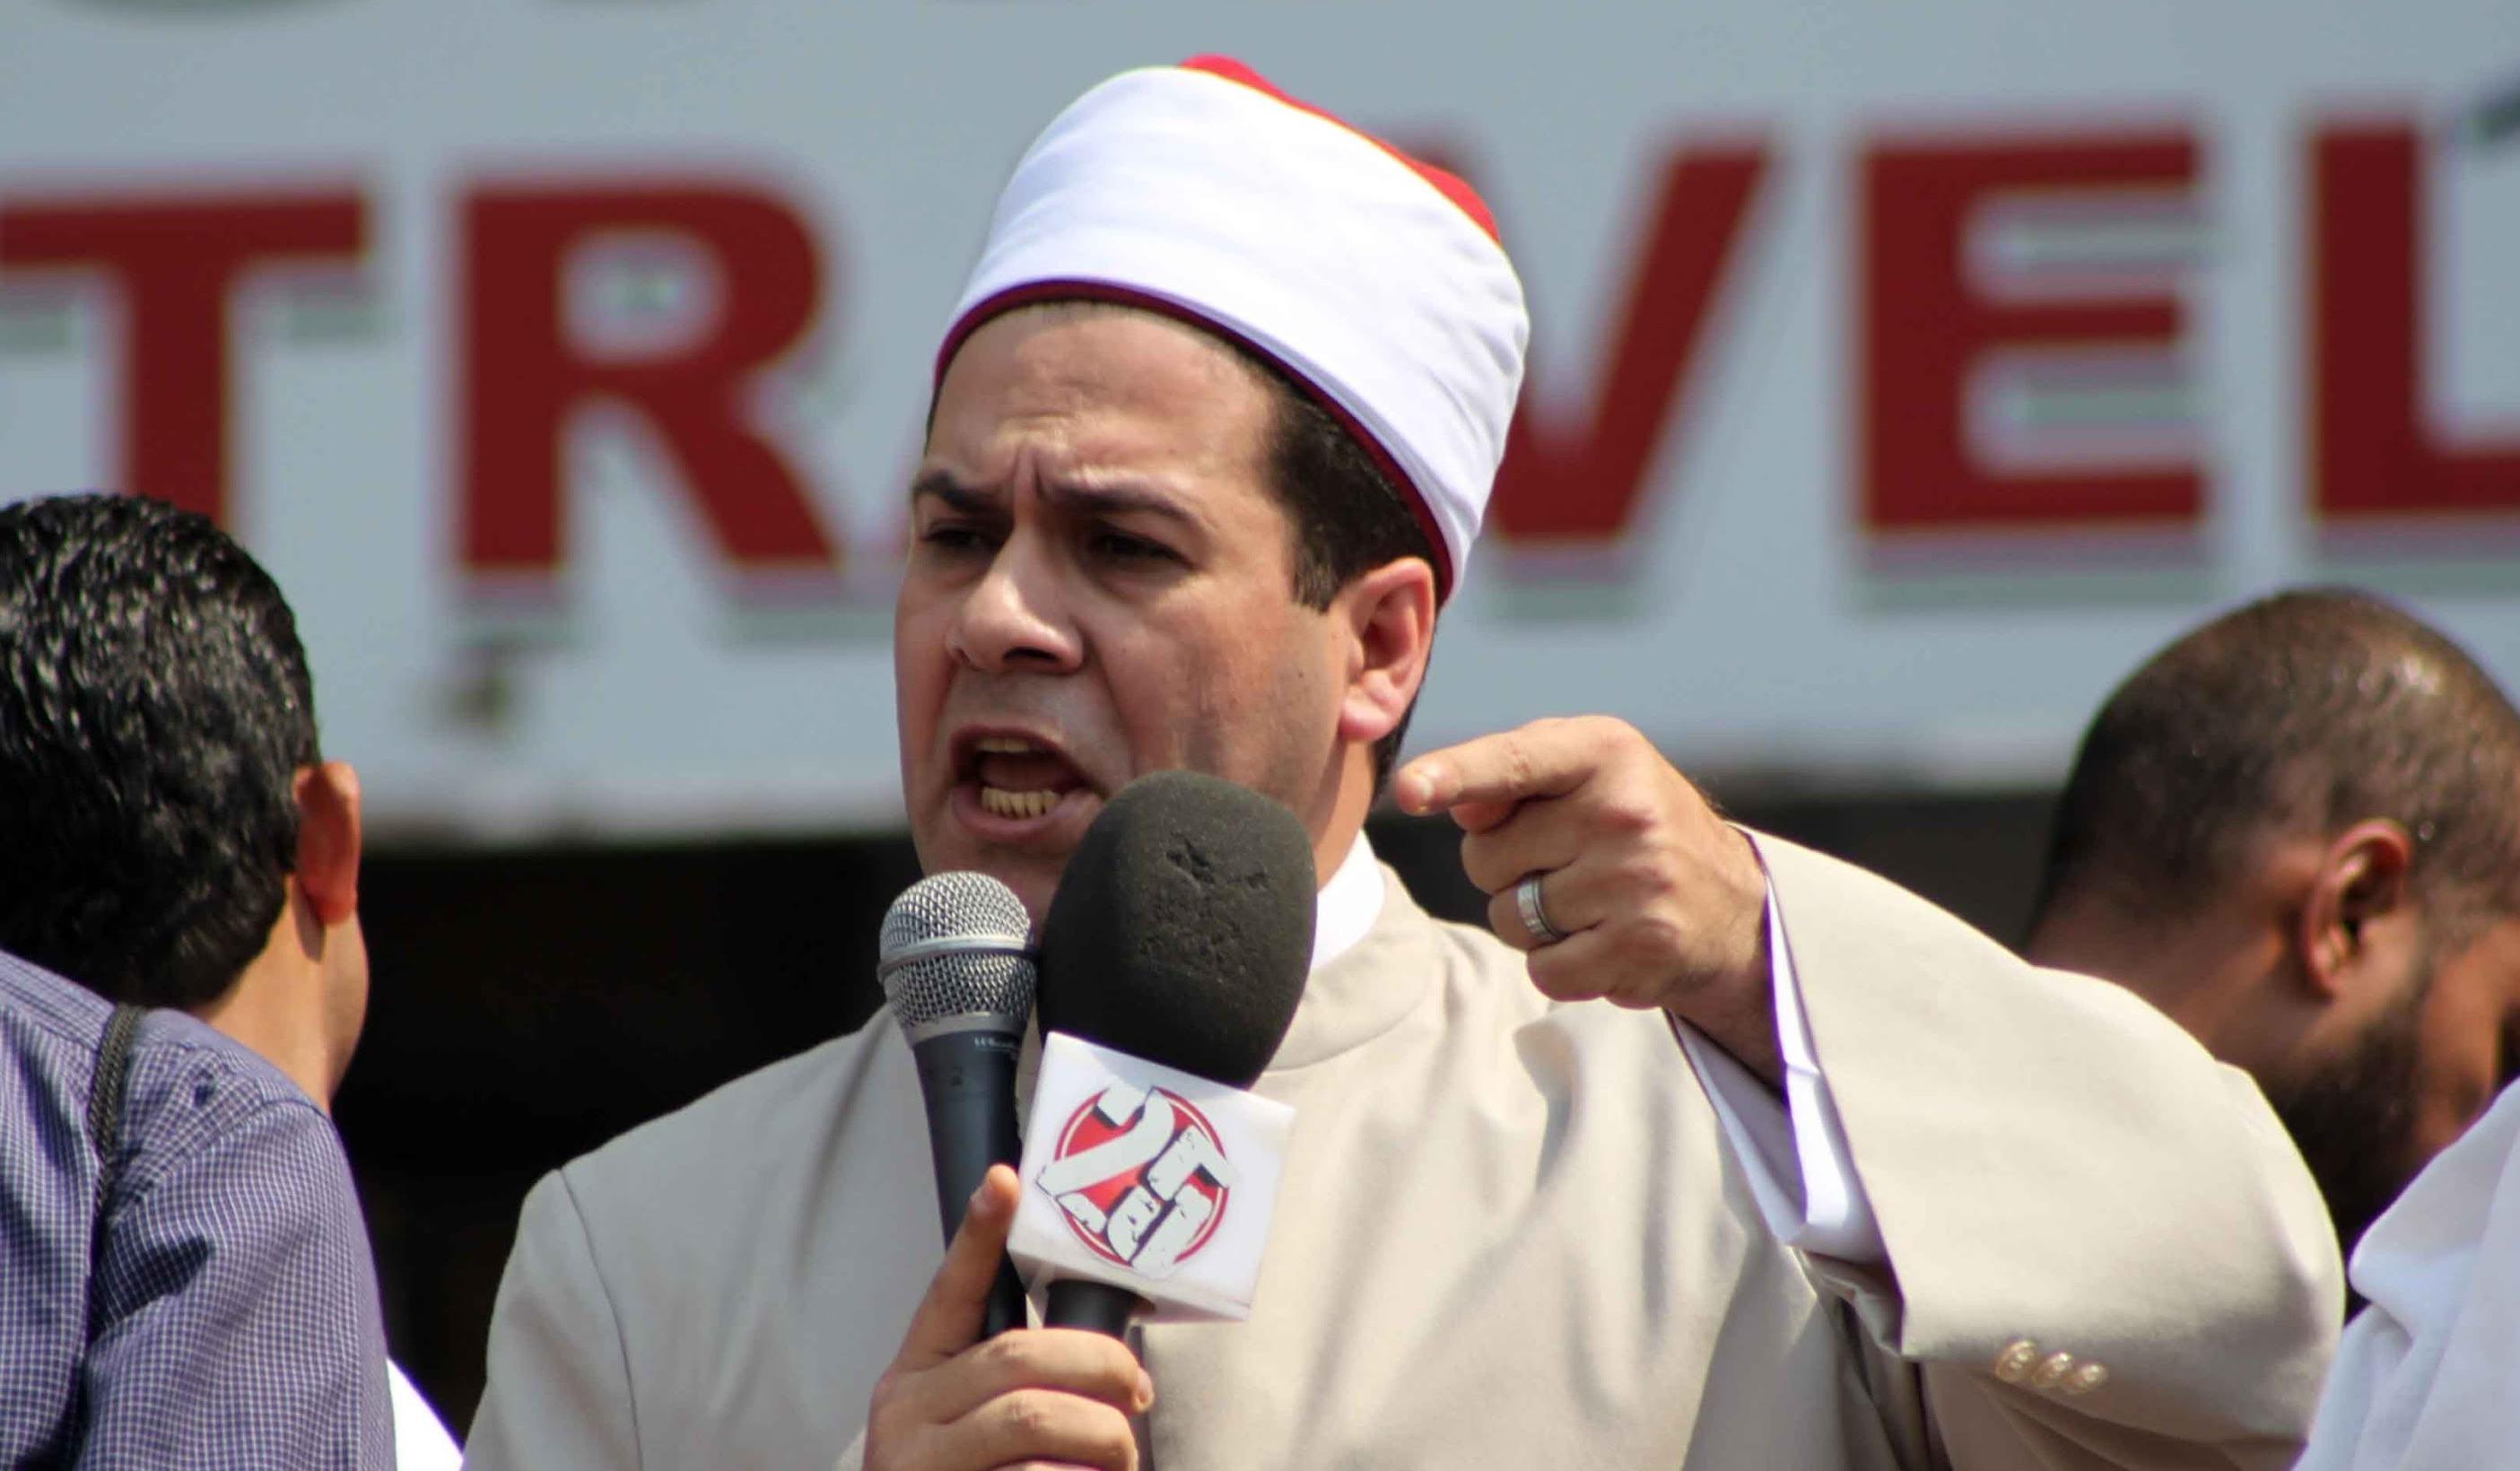 مظهر شاهين: مصر ستستقر بعد استفتاء التعديلات الدستورية (فيديو)